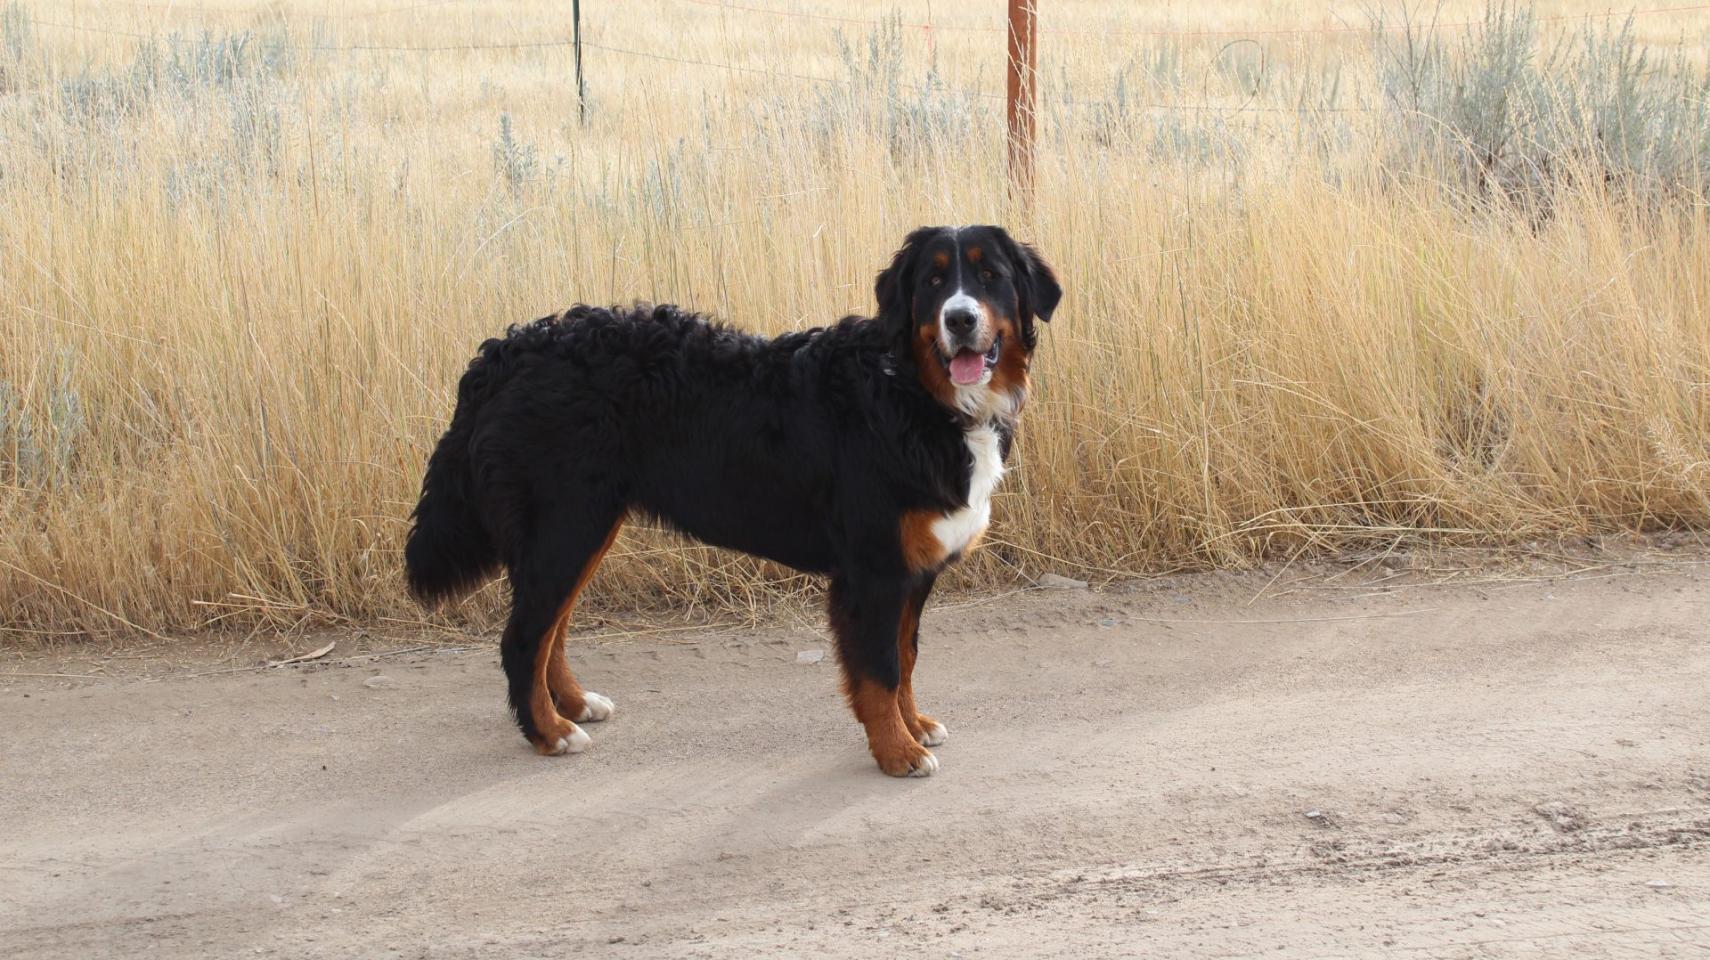 Montana Berners – Bernese Mountain Dogs in Bozeman, Montana.